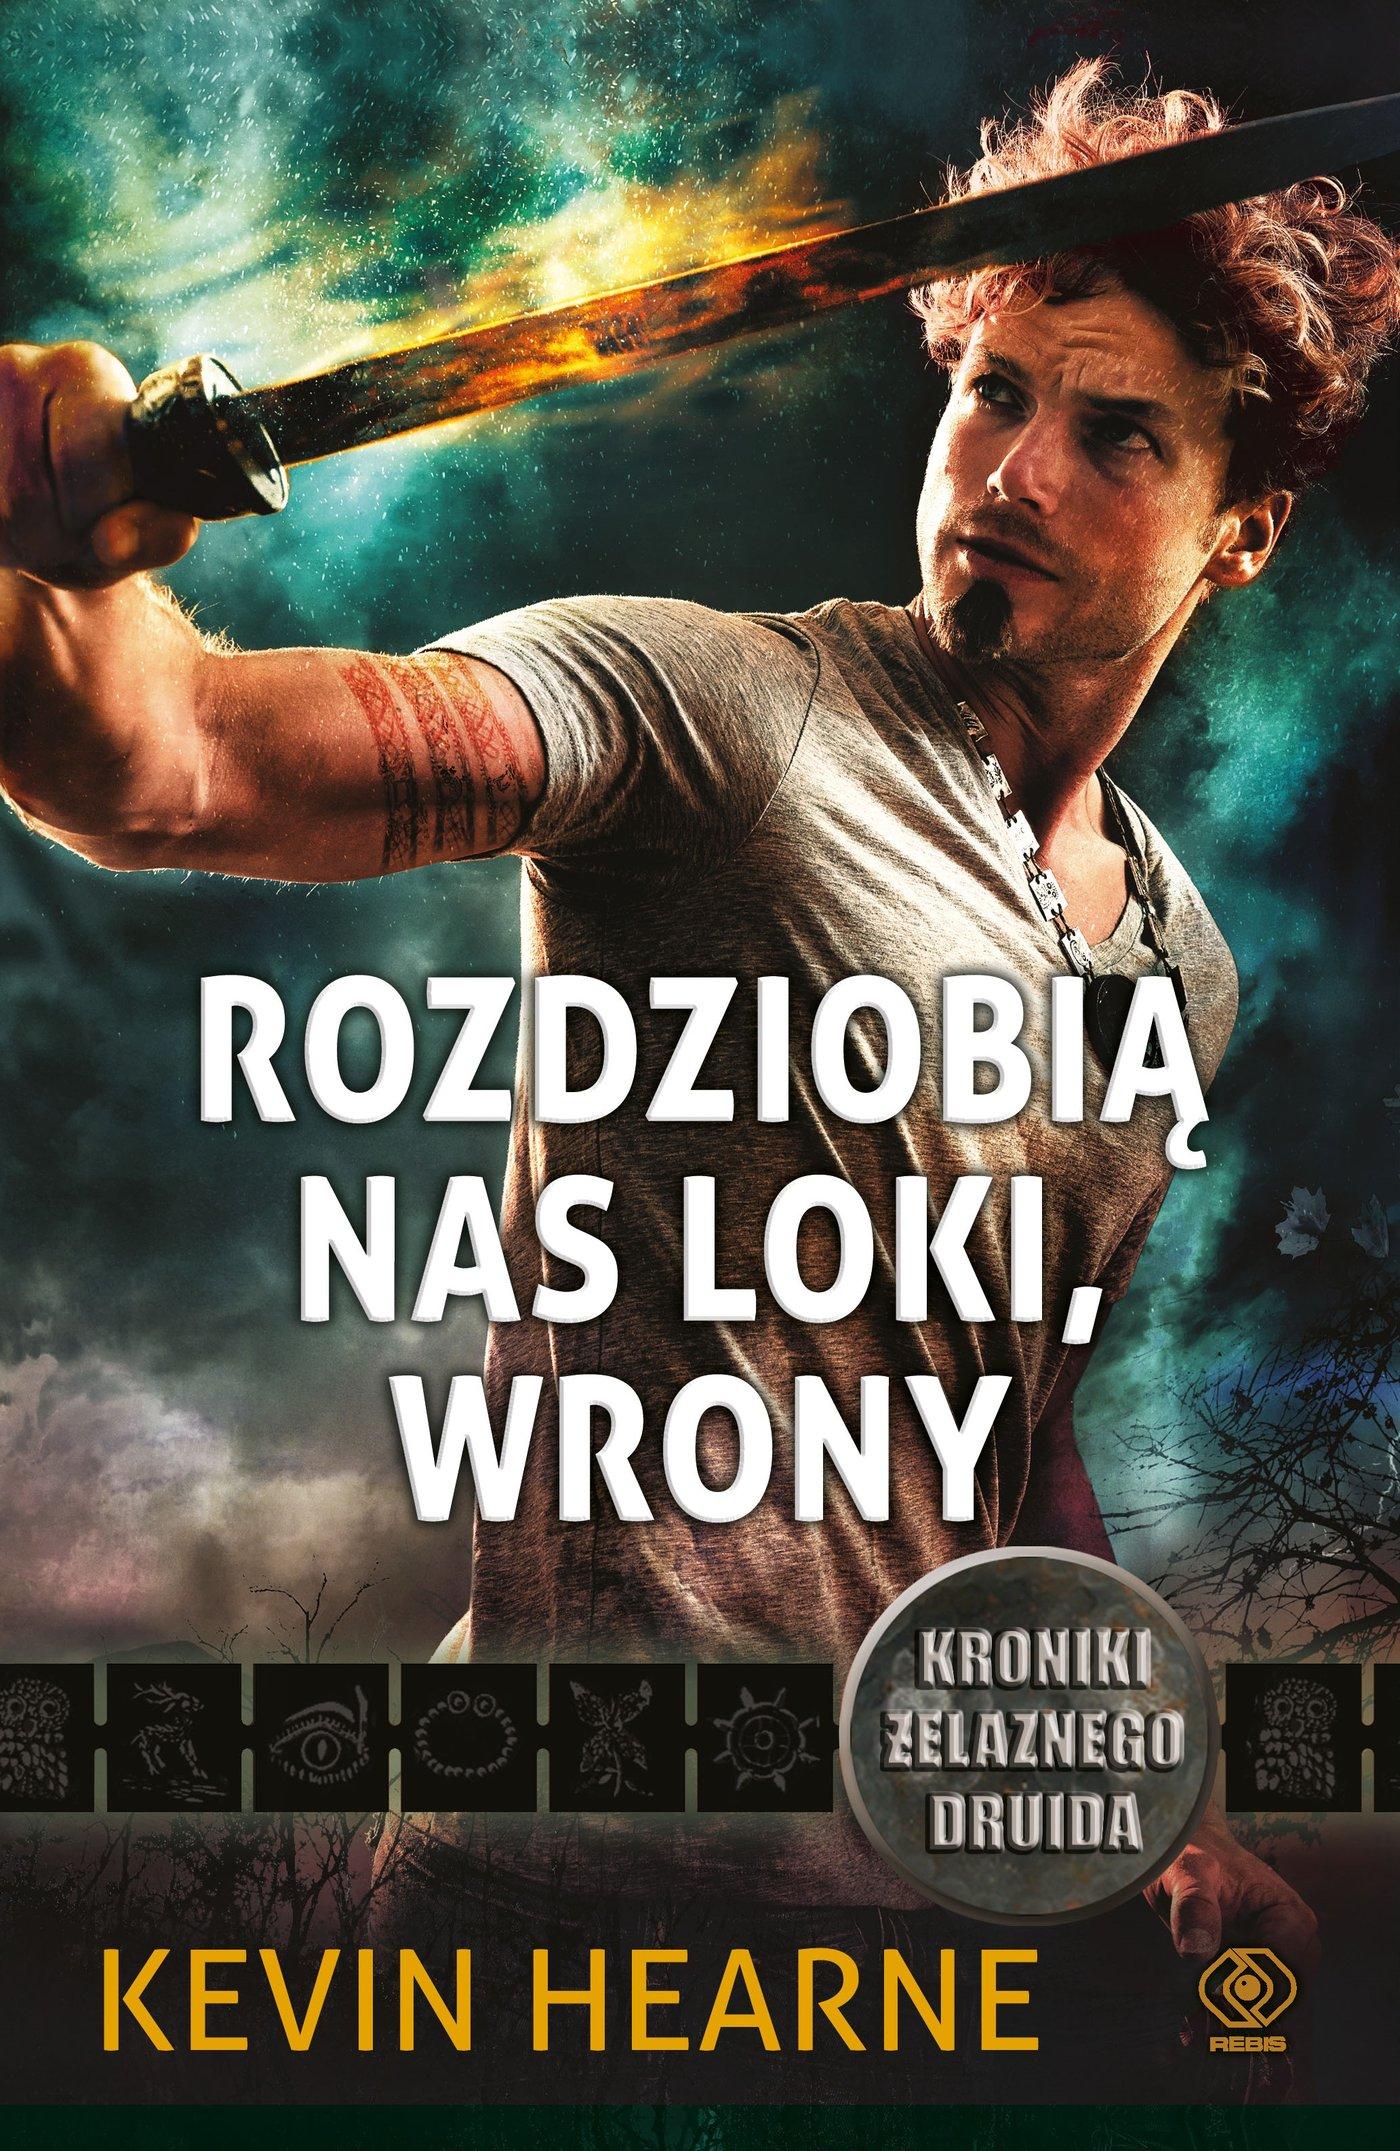 Rozdziobią nas Loki, wrony. Kroniki Żelaznego Druida 9 - Ebook (Książka EPUB) do pobrania w formacie EPUB